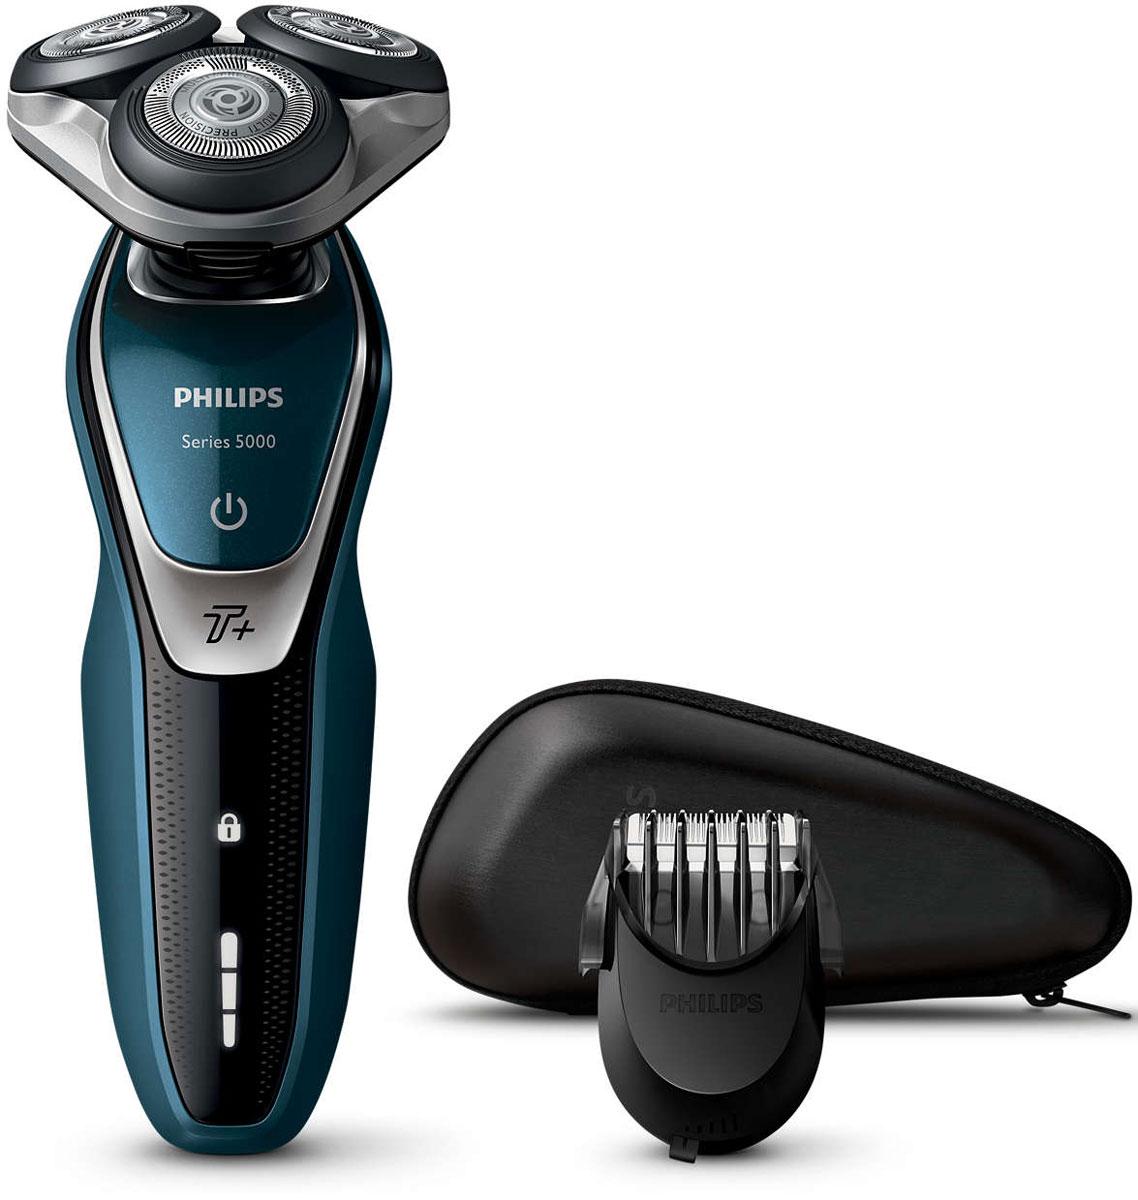 Philips S5672/41, Blue Black электробритваS5672/41Бритва Philips S5550/44 обеспечивает освежающее бритье и защищает кожу.Система лезвий MultiPrecision с закругленными краями бритвенных головок легко скользит по коже для бережного и безопасного бритья.Уплотнение Aquatec позволяет выбирать наиболее комфортный способ бритья: быстрое и комфортное сухое бритье или влажное бритье с использованием геля или пены. Вы можете использовать прибор даже в душе.Мощность увеличена на 20 % для более быстрого бритья даже густой бороды.Быстрое и гладкое бритье. Система лезвий MultiPrecision в несколько движений приподнимает и срезает волоски и щетину.Головки Flex двигаются независимо друг от друга в 5 направлениях. Это гарантирует оптимальный контакт с кожей для быстрого и гладкого бритья даже на шее и подбородке.На интуитивно понятном дисплее отображается вся необходимая информация, что позволяет в полной мере использовать все возможности вашей бритвы: трехуровневый индикатор аккумулятора, индикатор очистки, индикатор низкого заряда аккумулятора, индикатор сменной головки, индикатор дорожной блокировки.Один цикл зарядки обеспечивает от 60 минут автономной работы или примерно 20 сеансов бритья. Бритва работает только в беспроводном режиме.Мощный энергоэффективный и долговечный литий-ионный аккумулятор обеспечивает долгое время работы бритвы после каждой зарядки. Быстрой зарядки в течение 5 минут хватает для проведения одного сеанса бритья.Насадка-стайлер для бороды с 5 установками длиныИзмените свой образ с помощью насадки-стайлера SmartClick для бороды. 5 установок длины на выбор подходят для создания идеальной щетины или моделирования аккуратной короткой бороды. Закругленные кончики и гребни предотвращают появление раздражения.